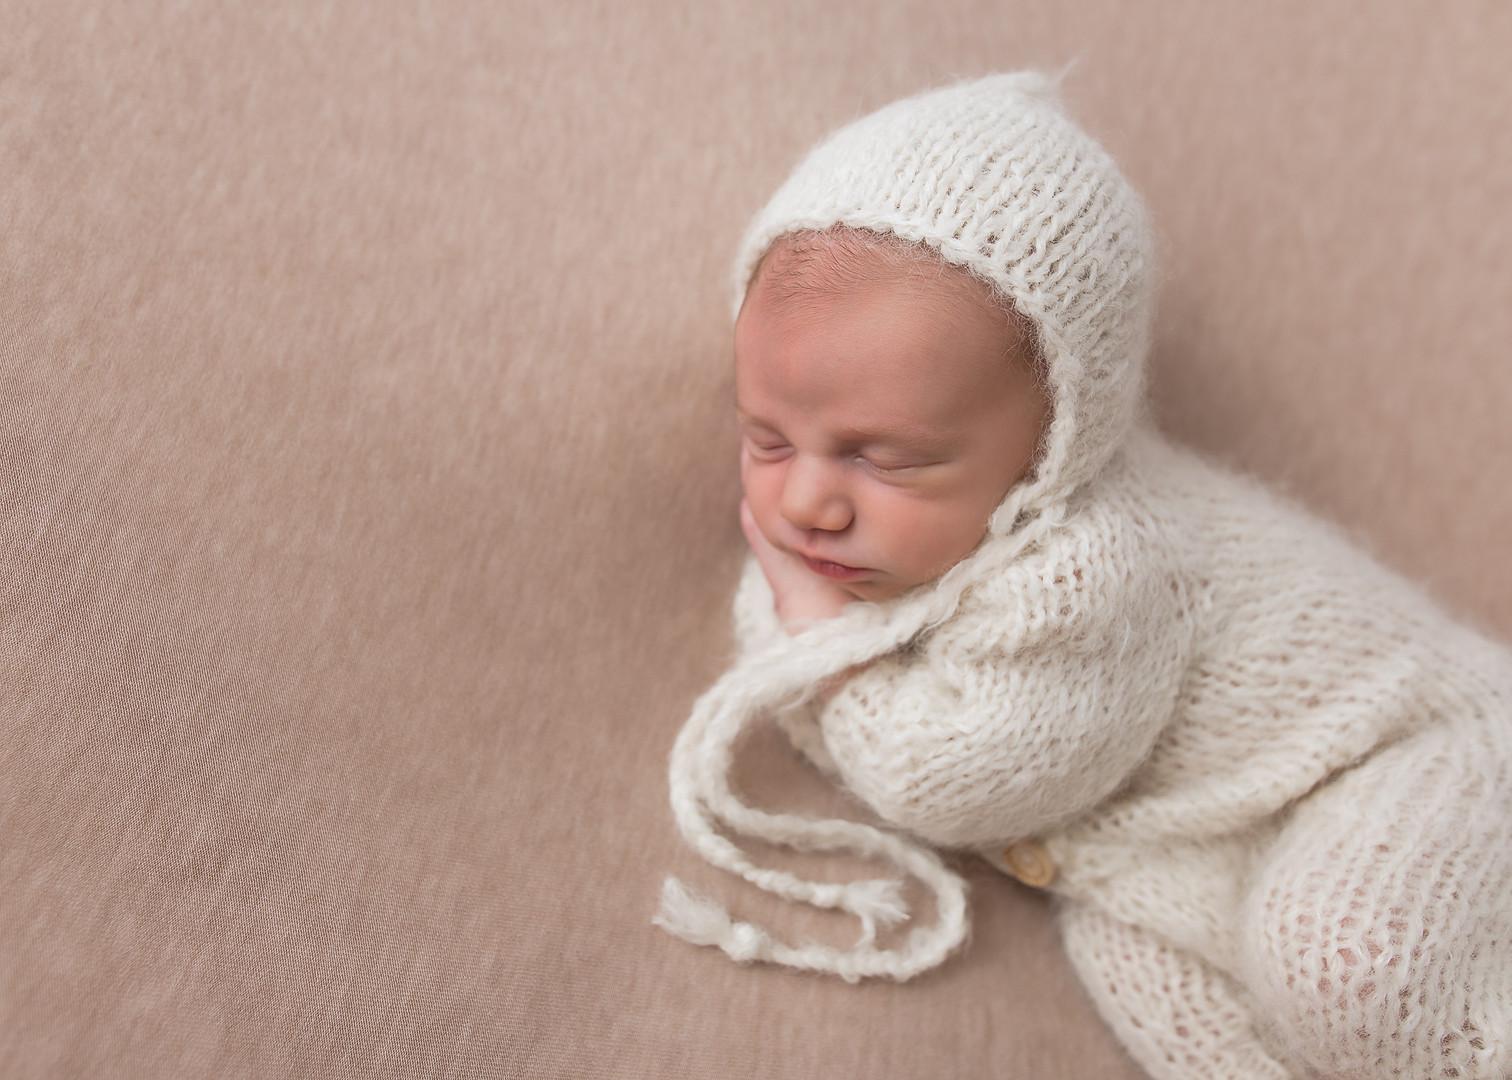 Maine_Newborn_Photography_Studio-25.jpg